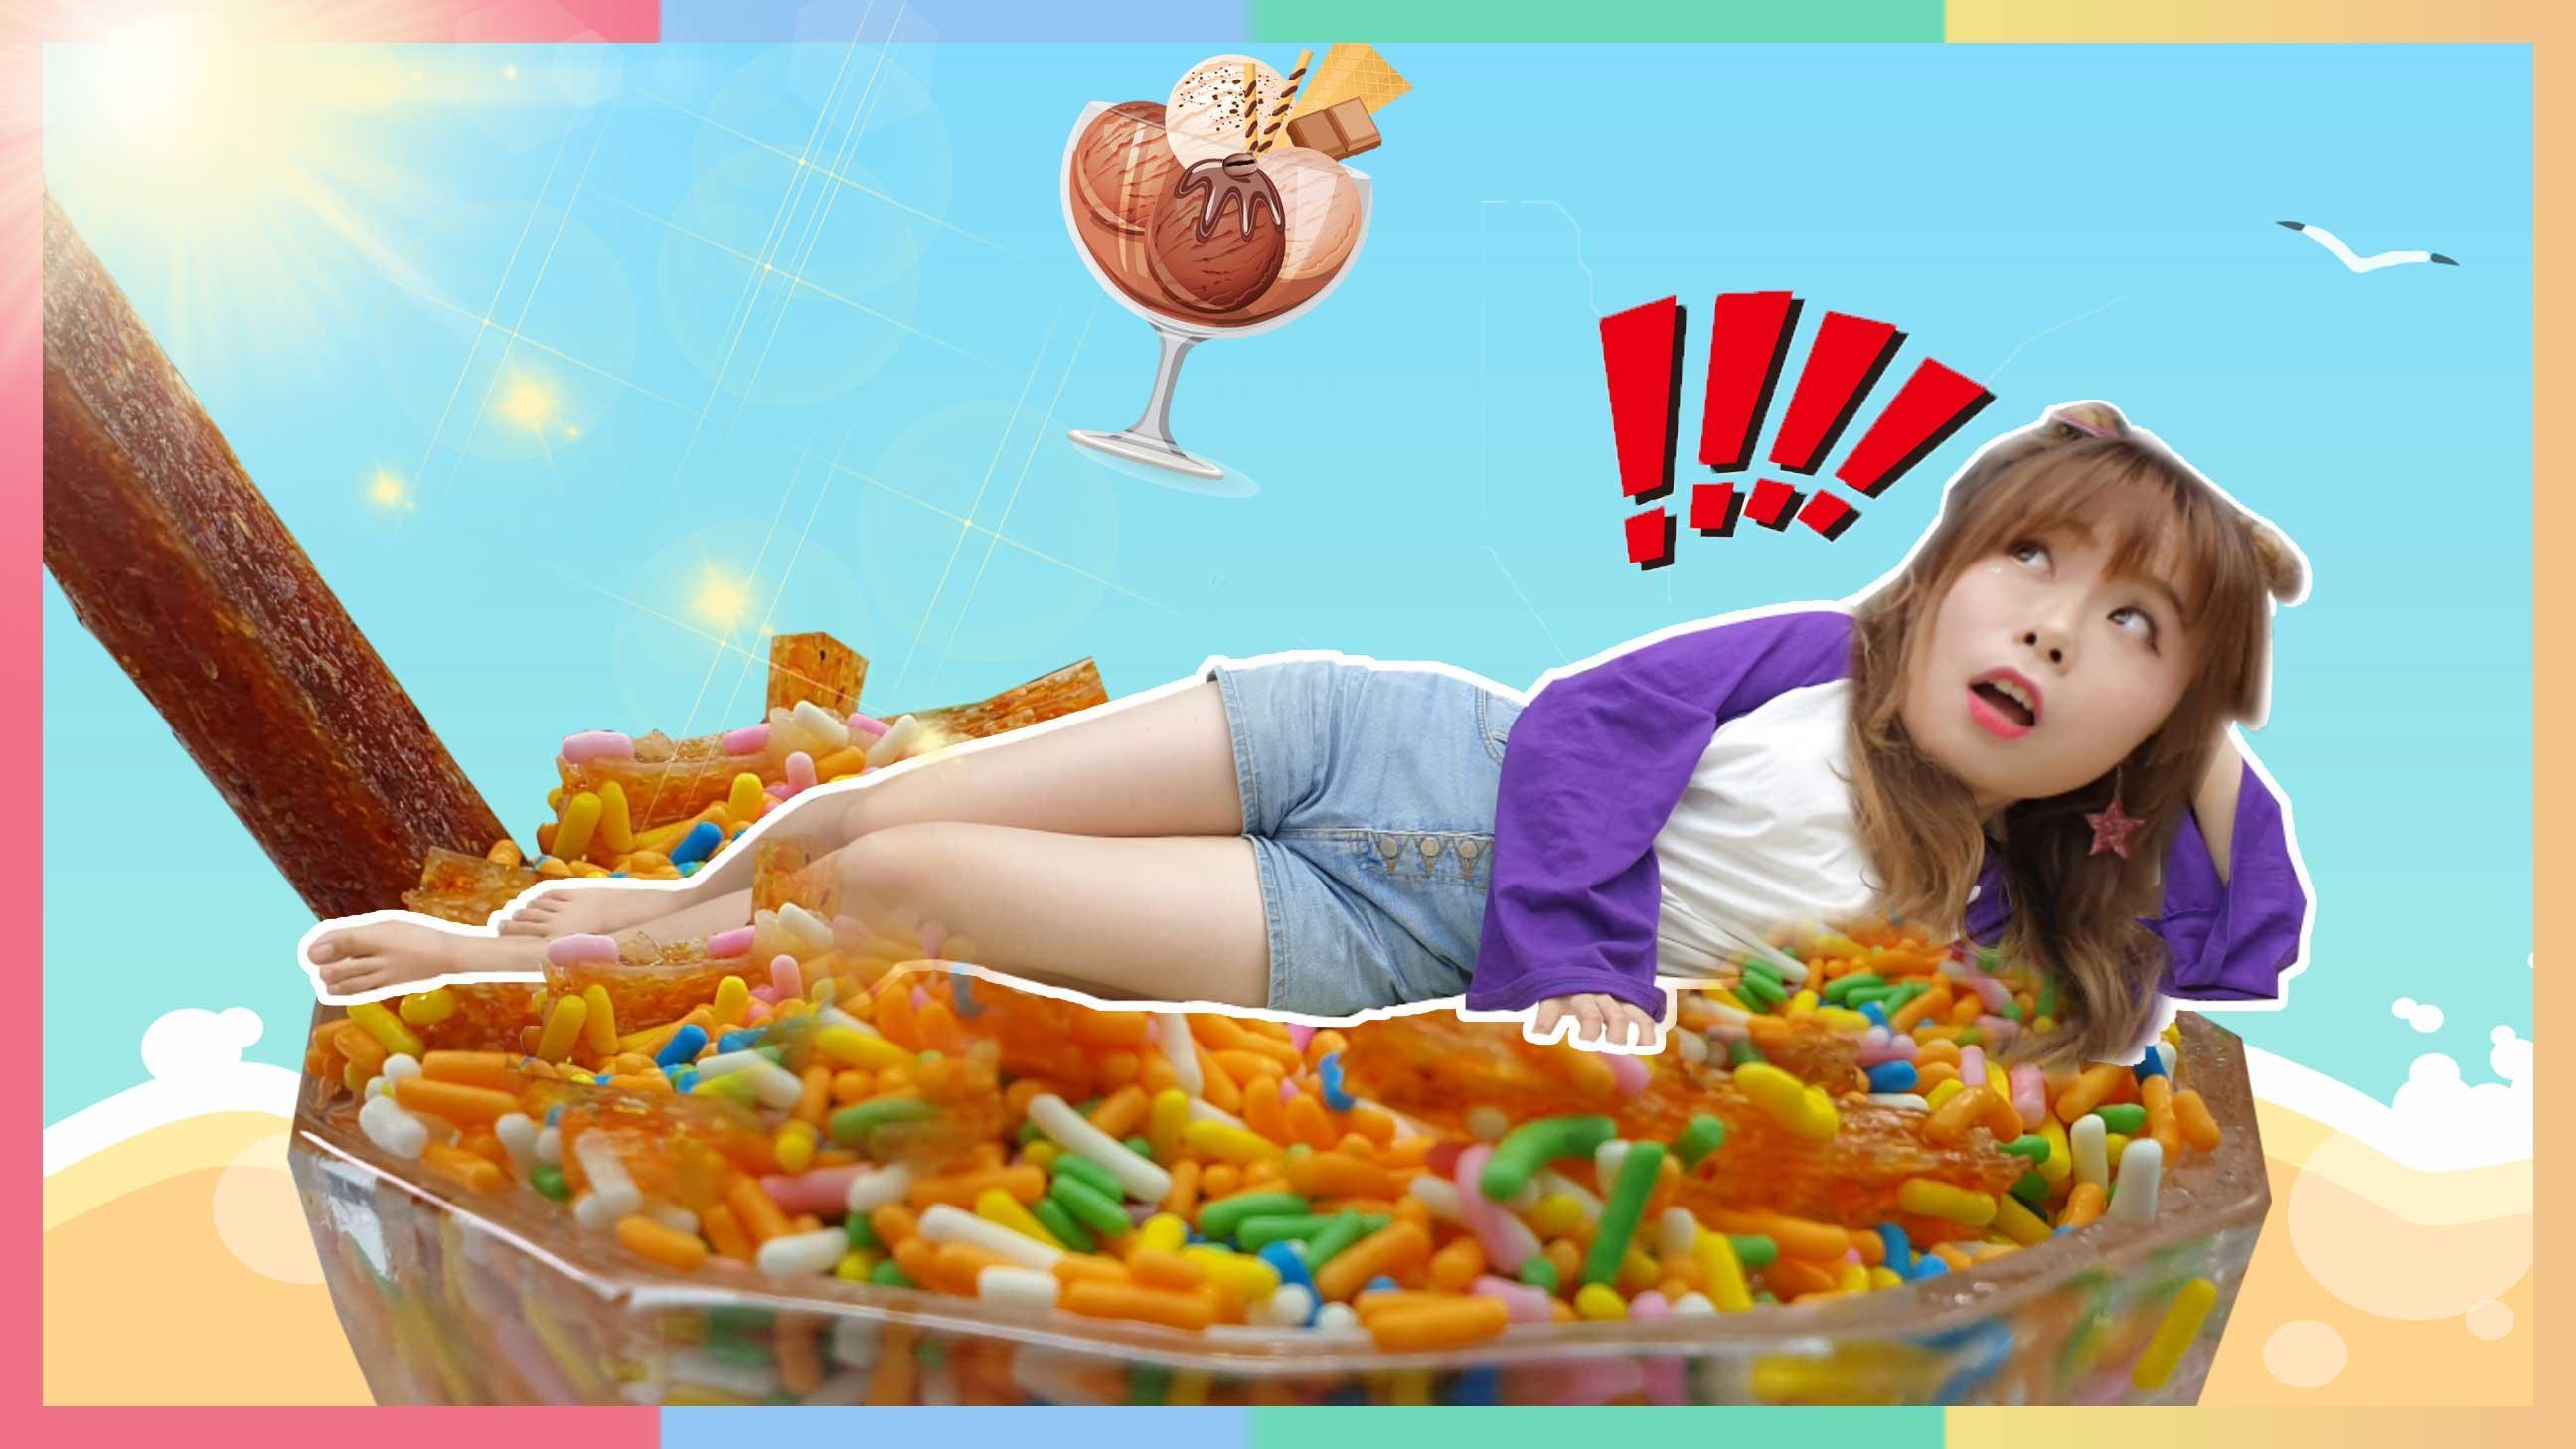 DIY消夏美食!吃一口就忘不掉的辣条刨冰 | 凯利和玩具朋友们 CarrieAndToys